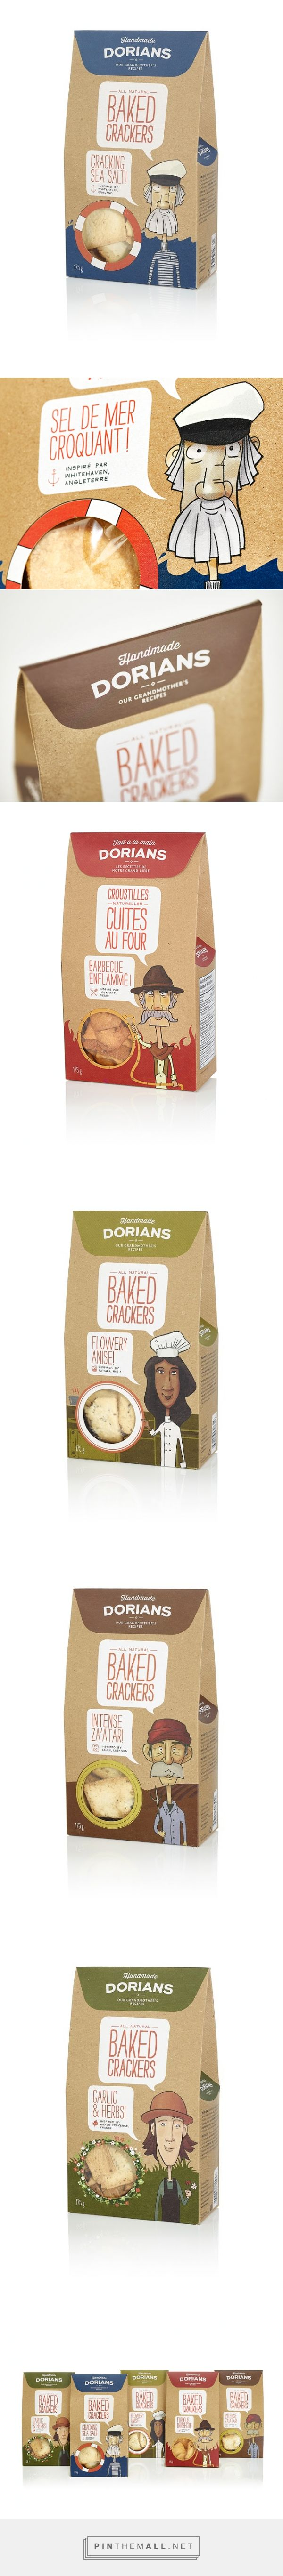 Dorians / line of healthy snack foods